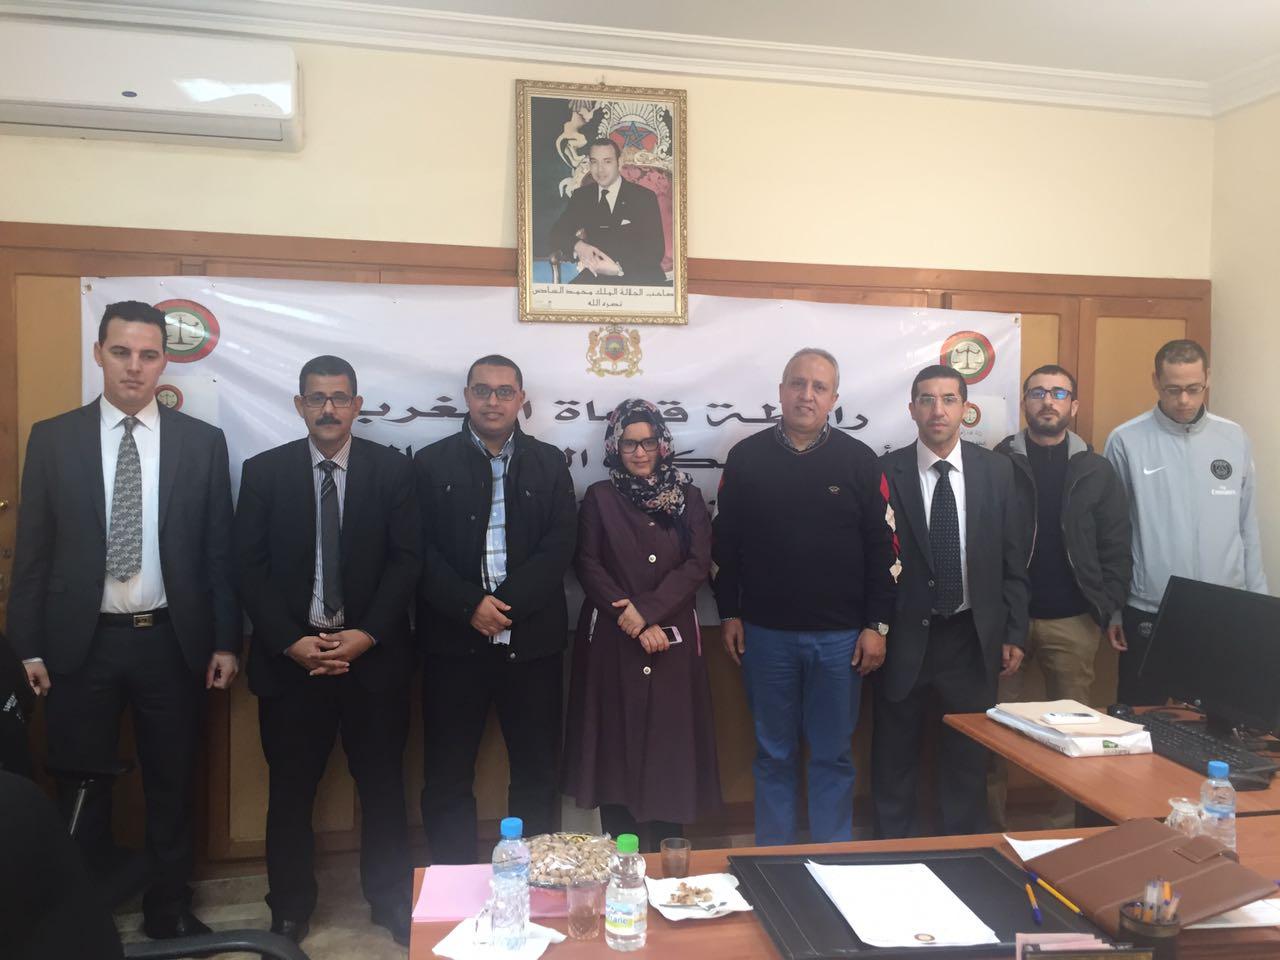 رابطة قضاة المغرب تؤسس مكتبها الجهوي بالدائرة الاستئنافية بالعيون